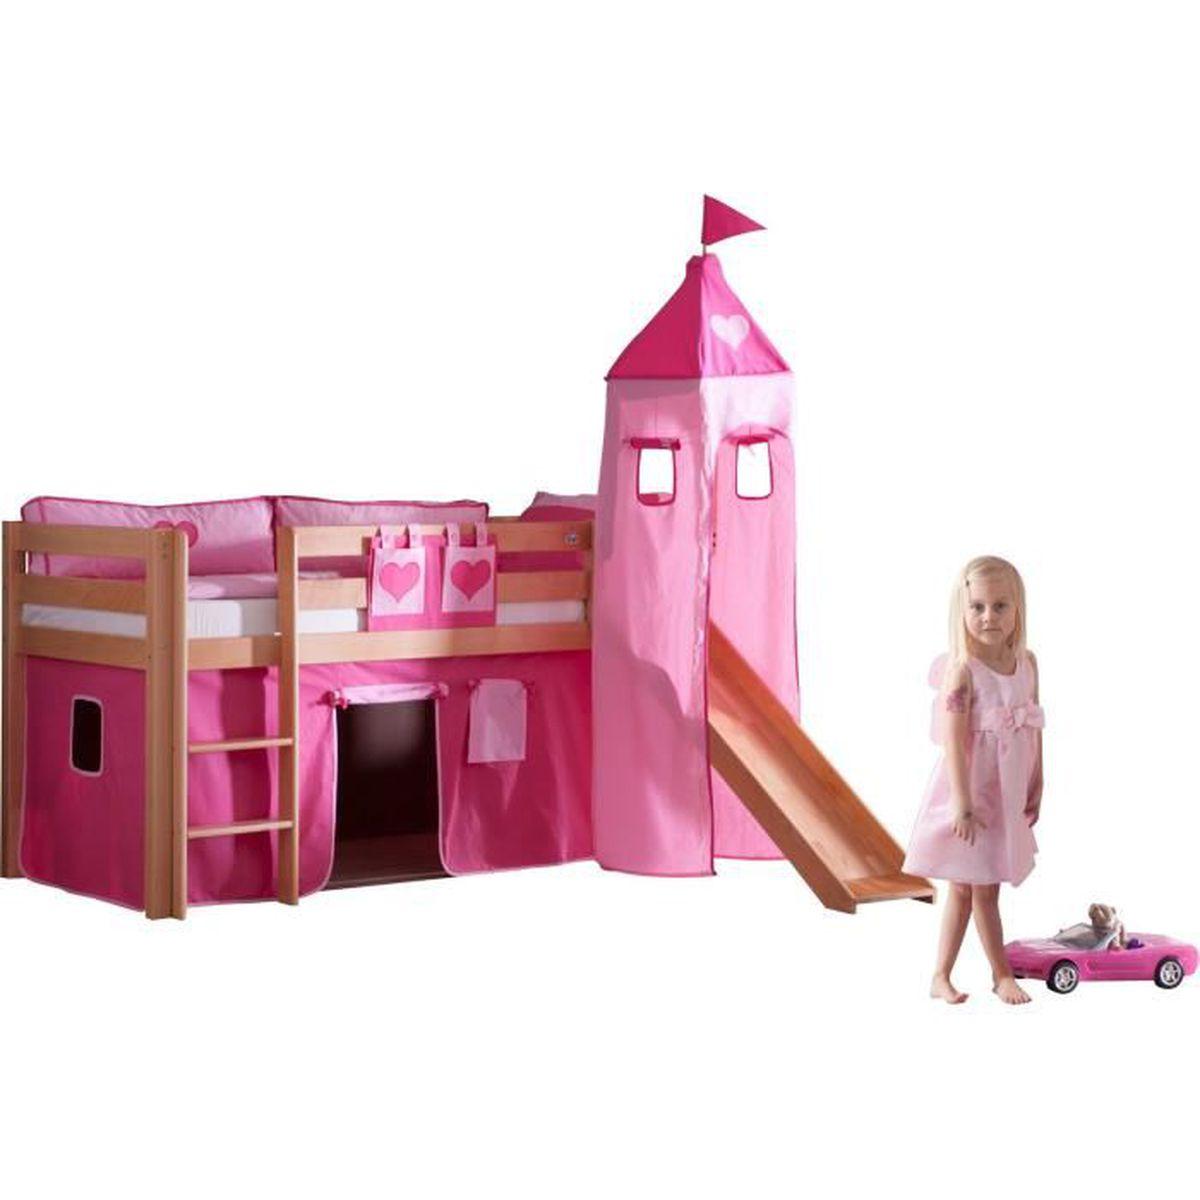 lit sur lev avec toboggan en h tre massif et ensemble de textiles coloris rose fonc h tre. Black Bedroom Furniture Sets. Home Design Ideas